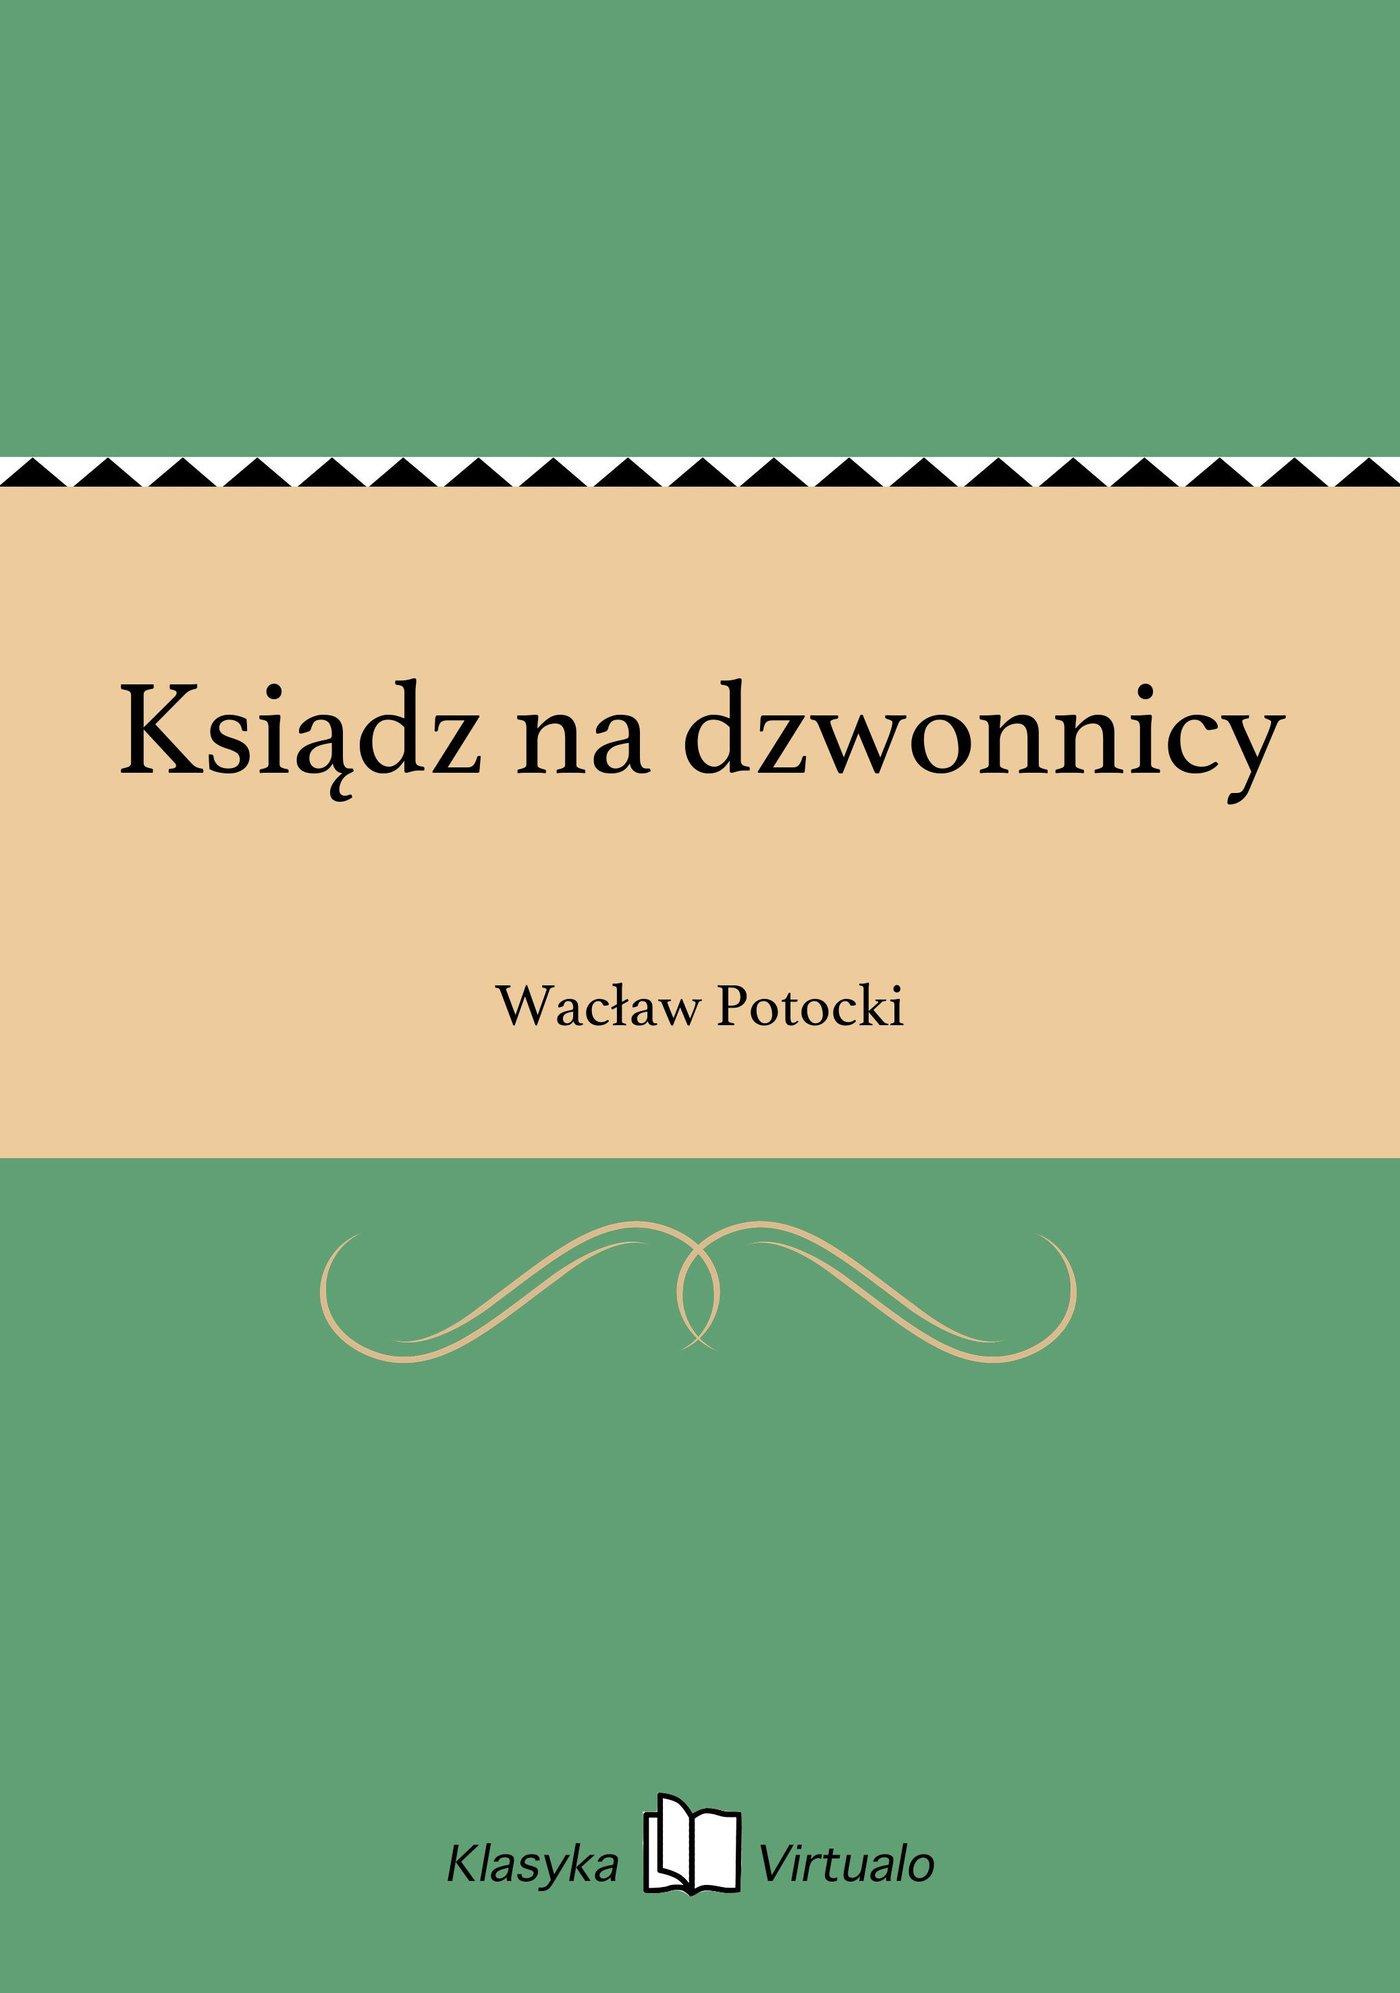 Ksiądz na dzwonnicy - Ebook (Książka na Kindle) do pobrania w formacie MOBI